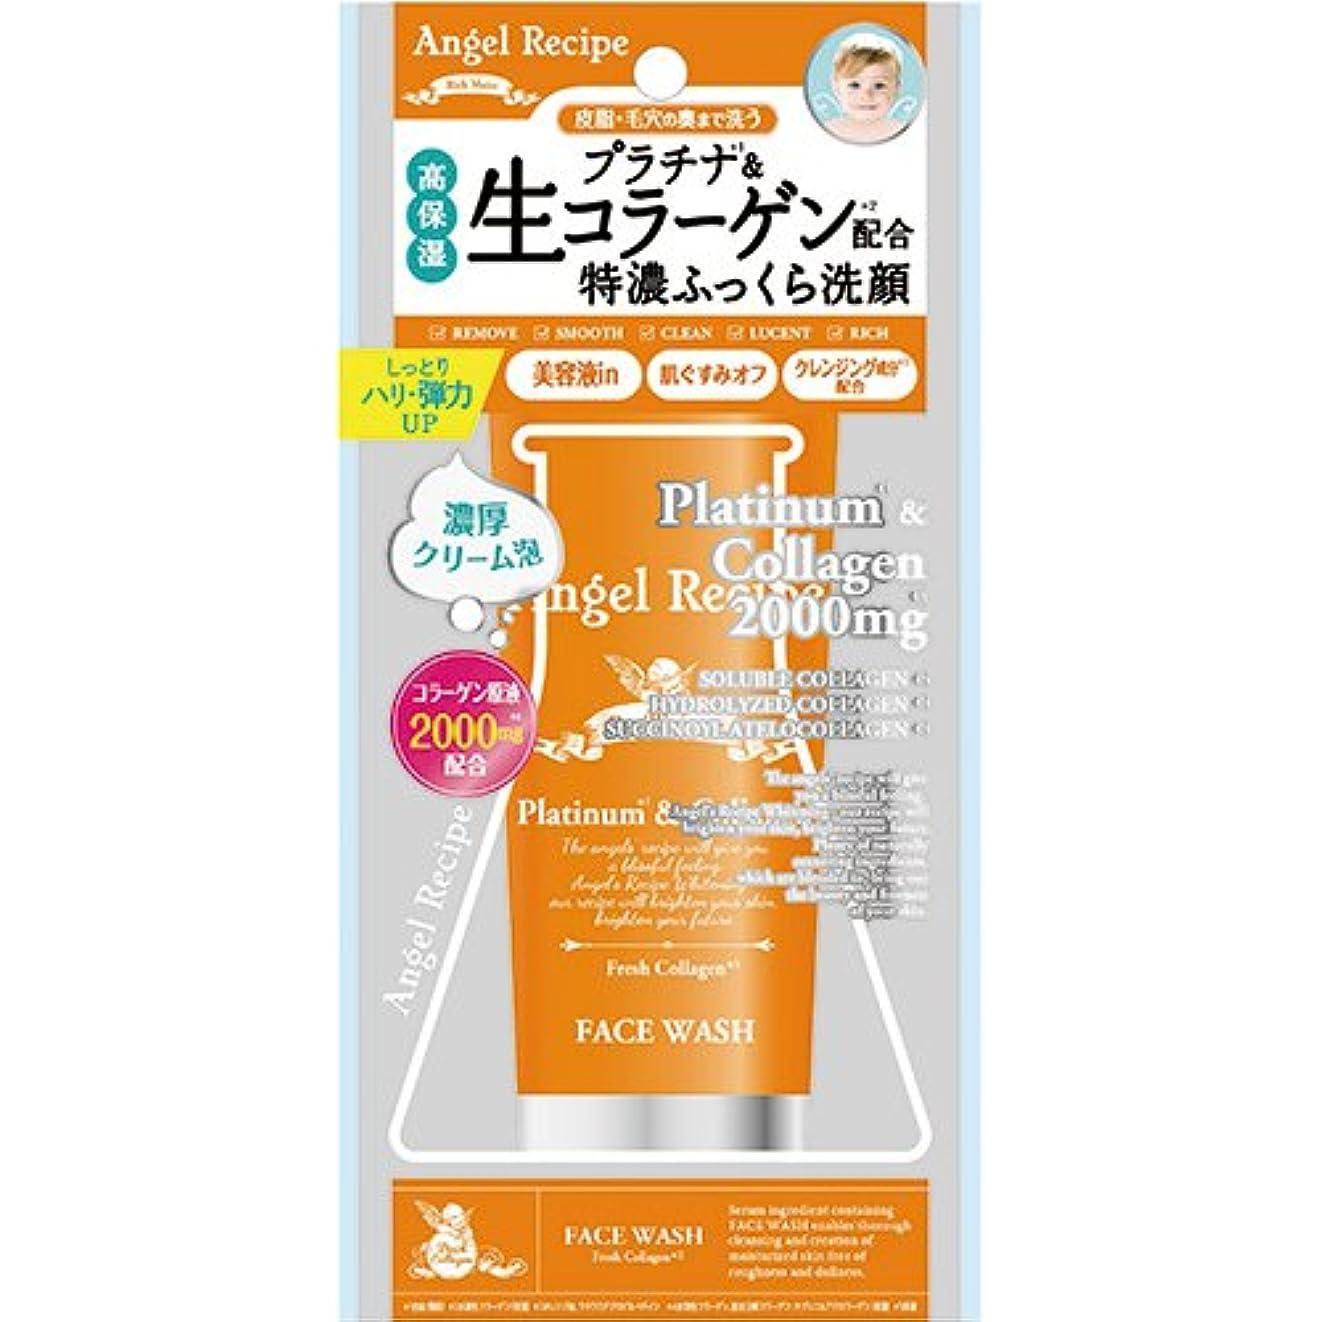 中止します湖研磨剤AngelRecipe エンジェルレシピ リッチモイスト 洗顔フォーム 90g